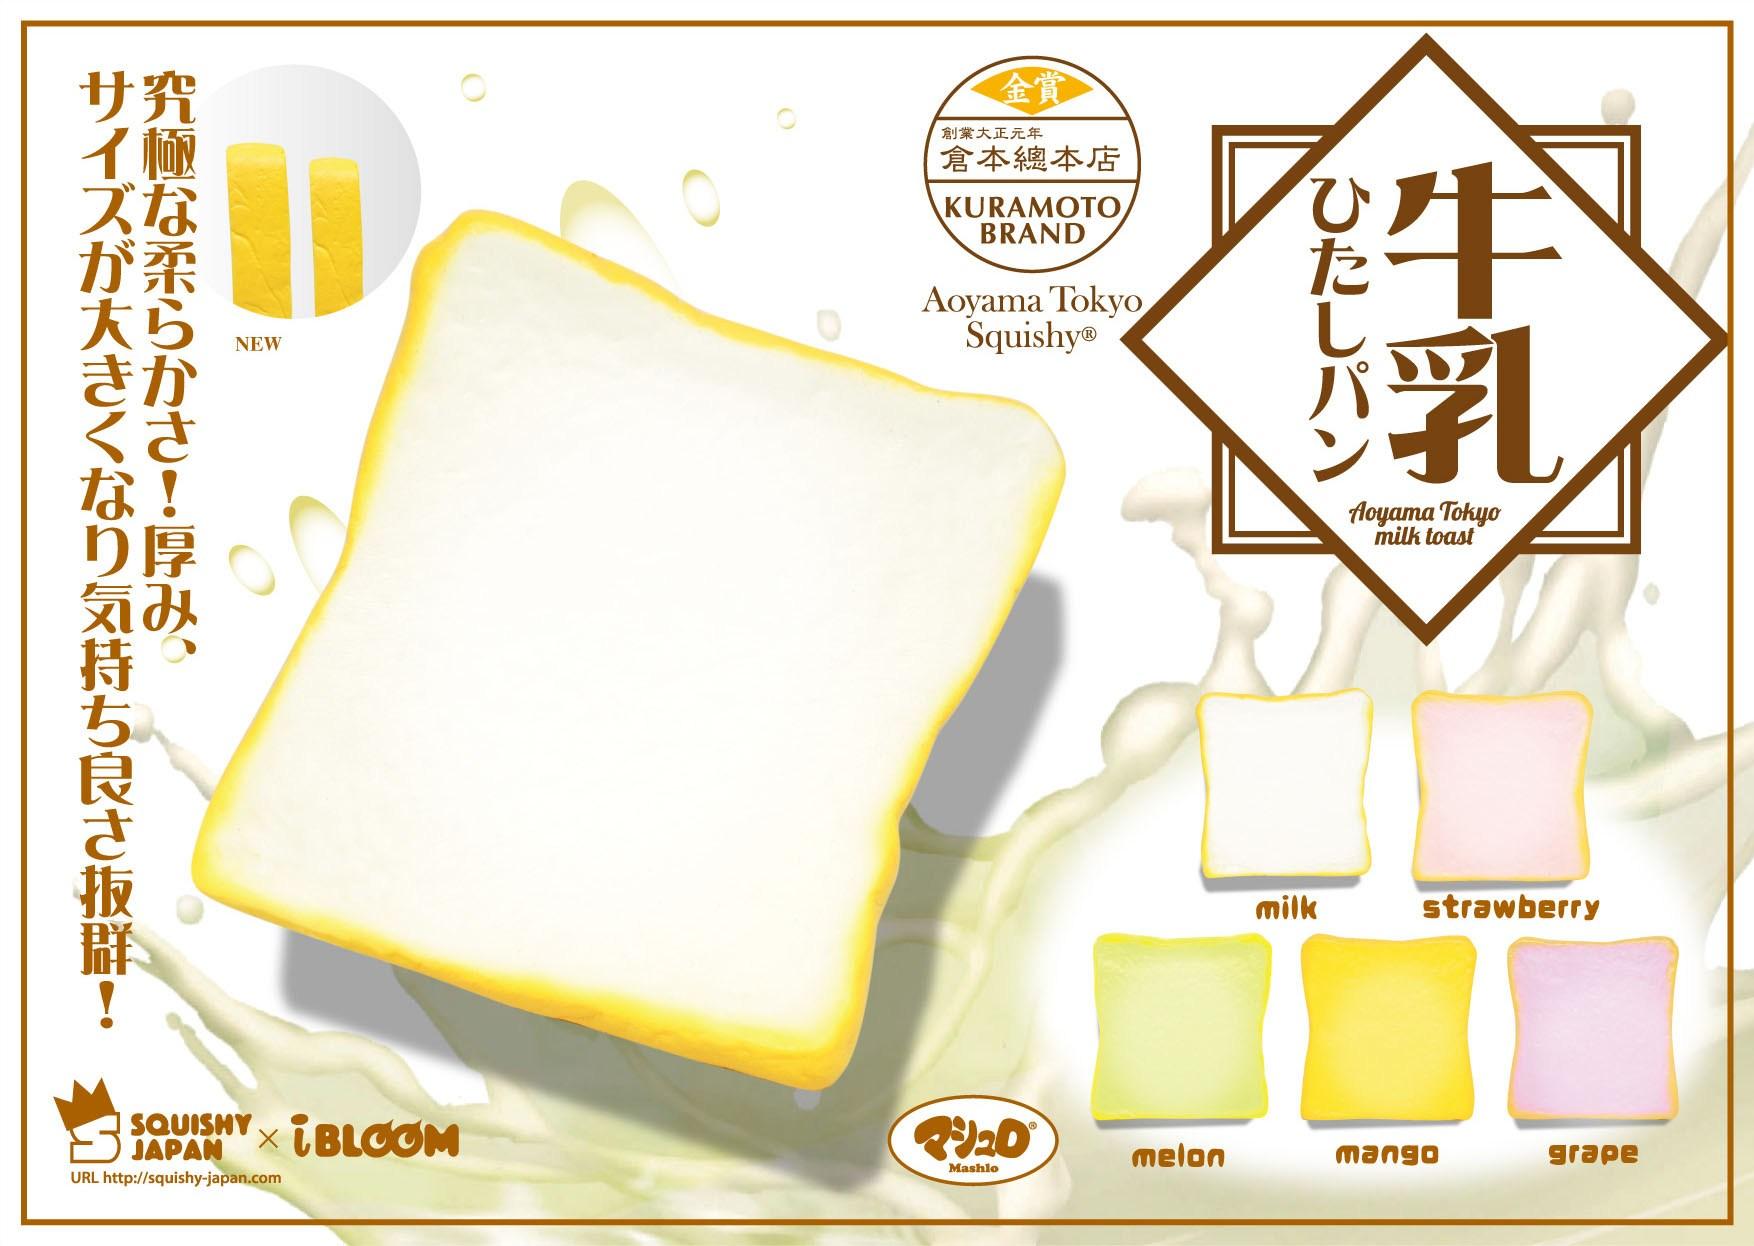 Aoyama Tokyo Milk Toast